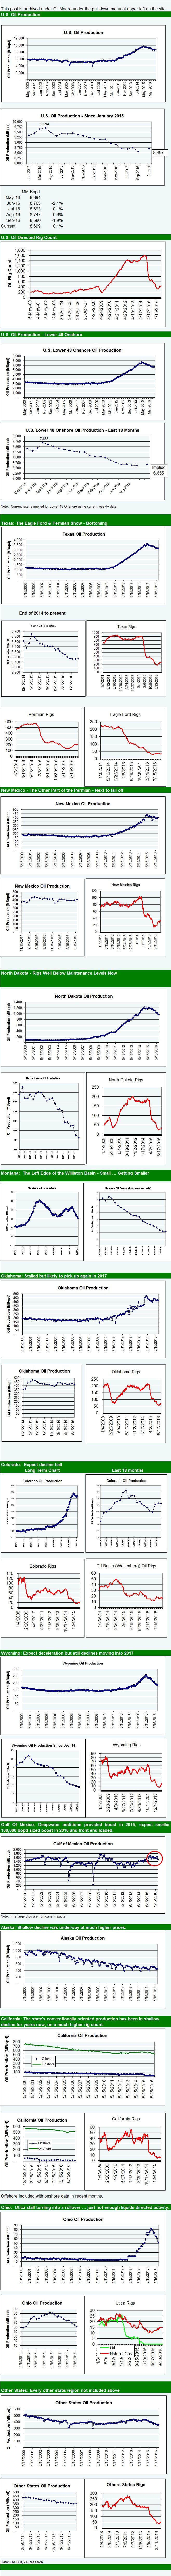 oil-prod-september-2016